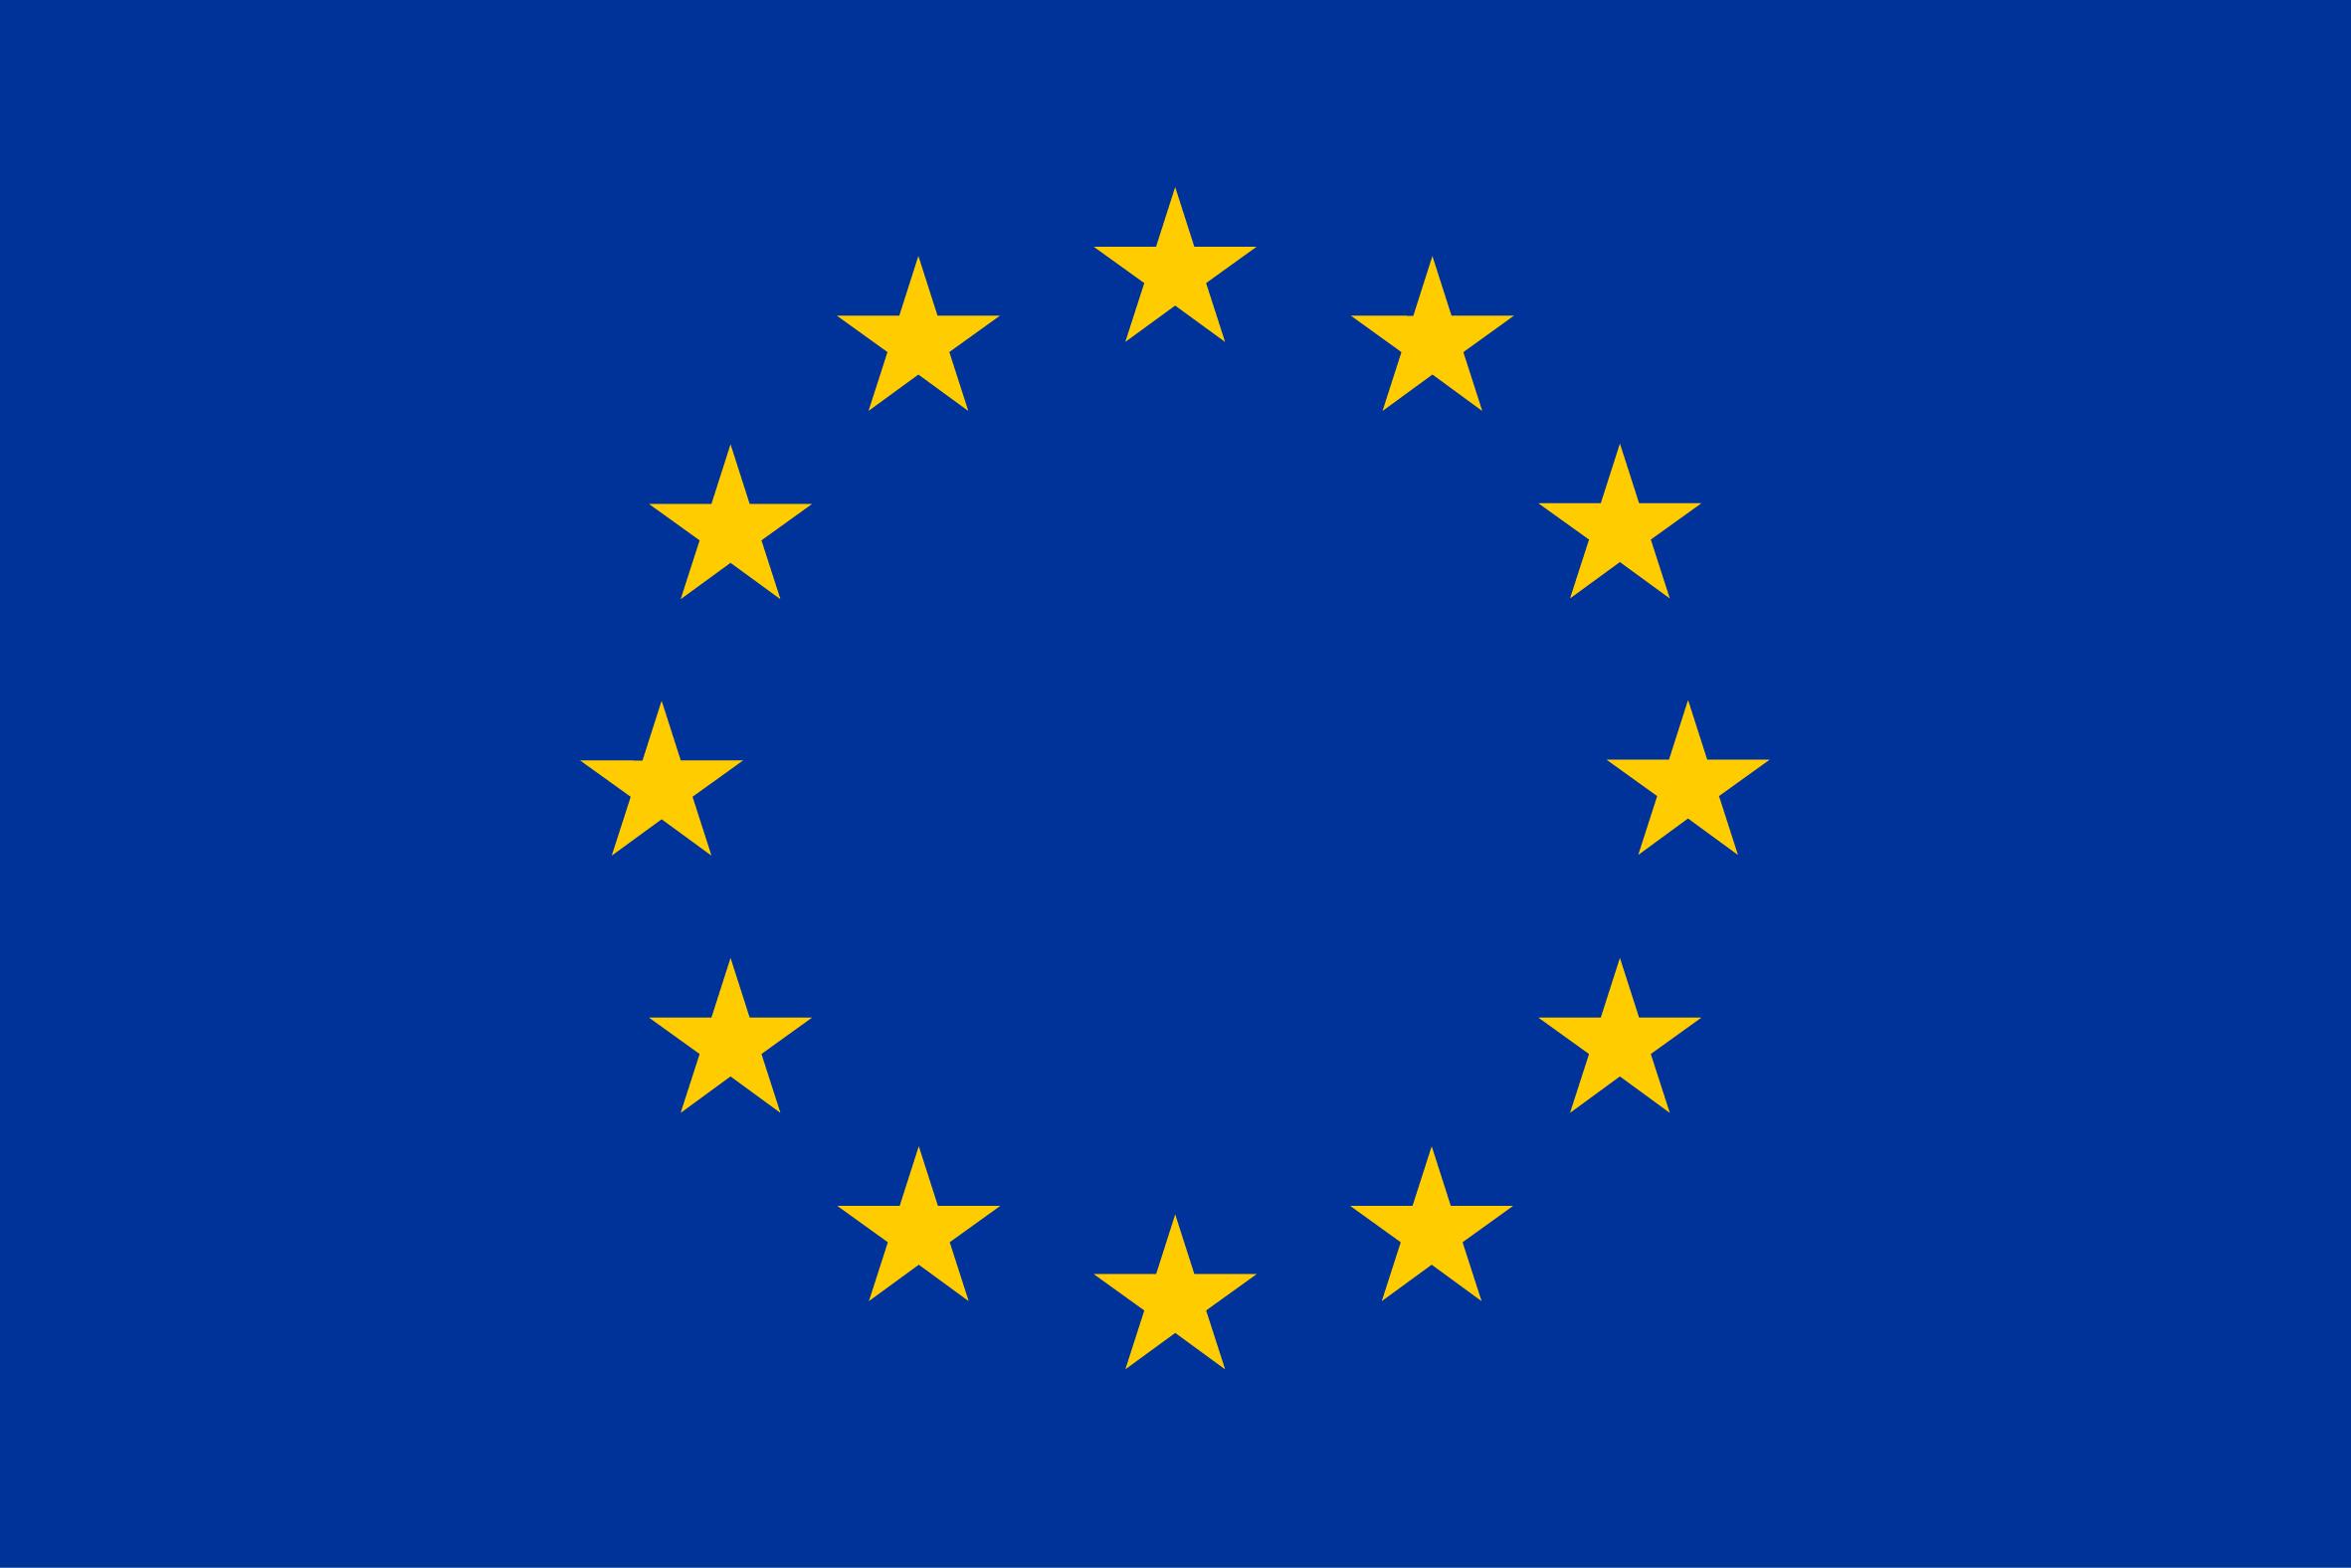 EU Citizens Rights